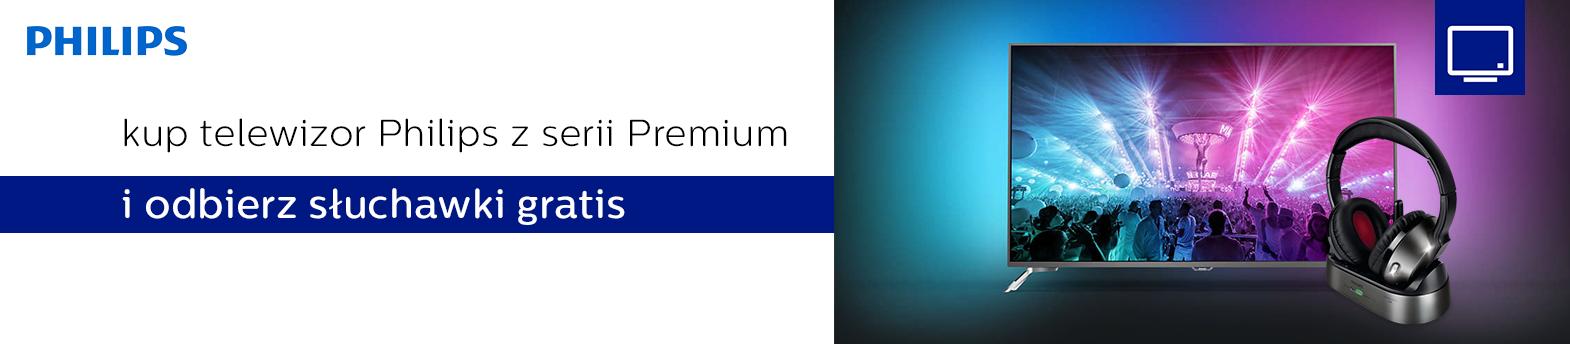 telewizory Philips z słuchawkami gratis